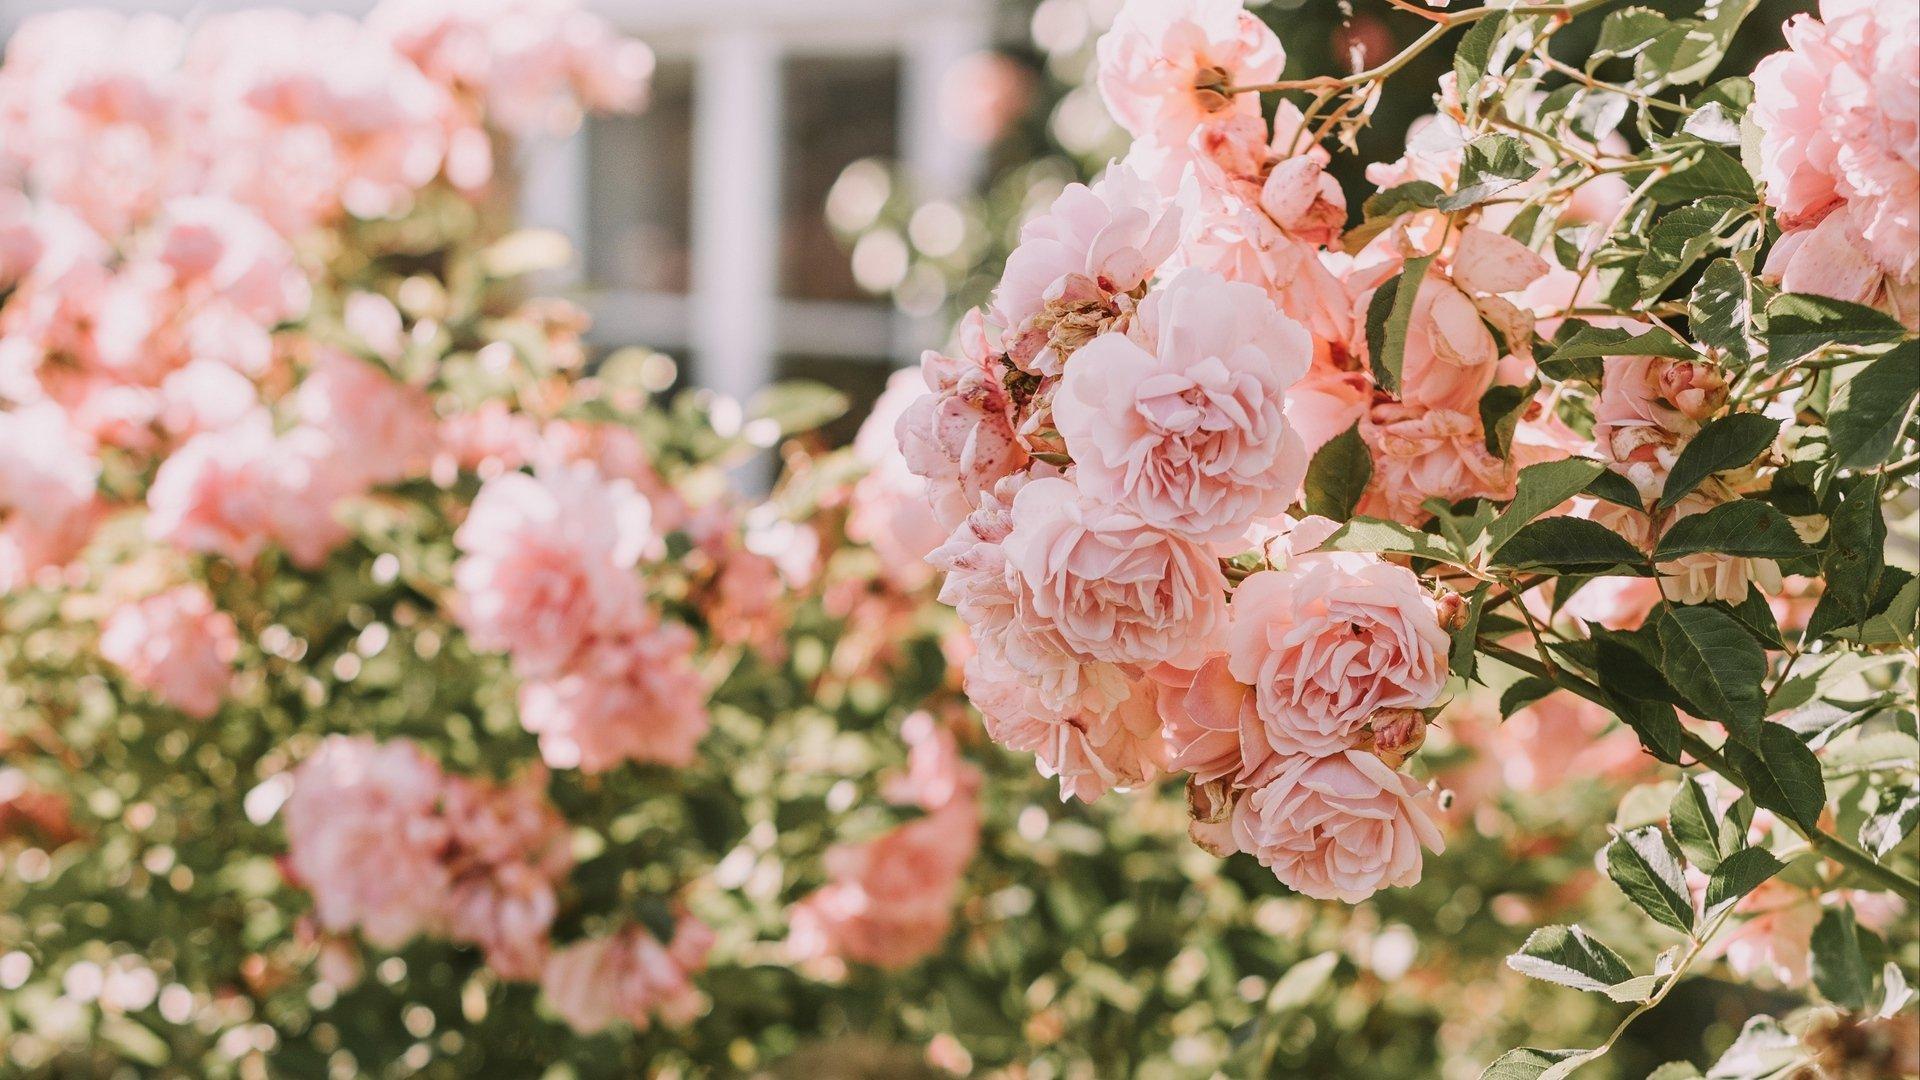 Aesthetic Rose Wallpaper 1920x1080